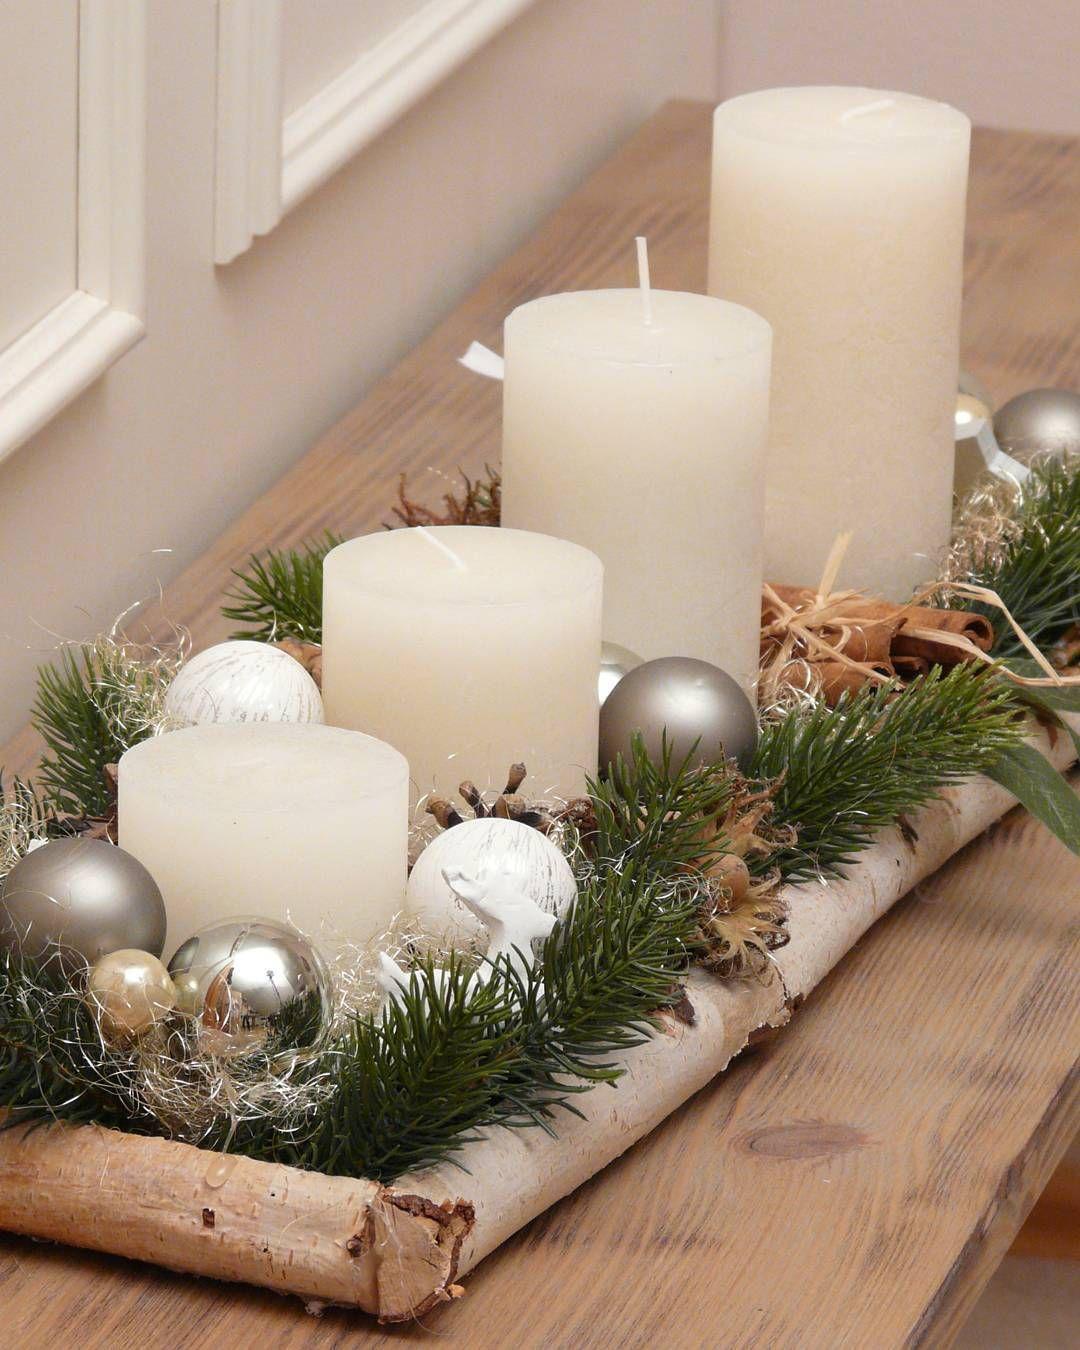 Weihnachten Kerzen Im Schnee Mit Bunten Kugeln Kerzen Advent